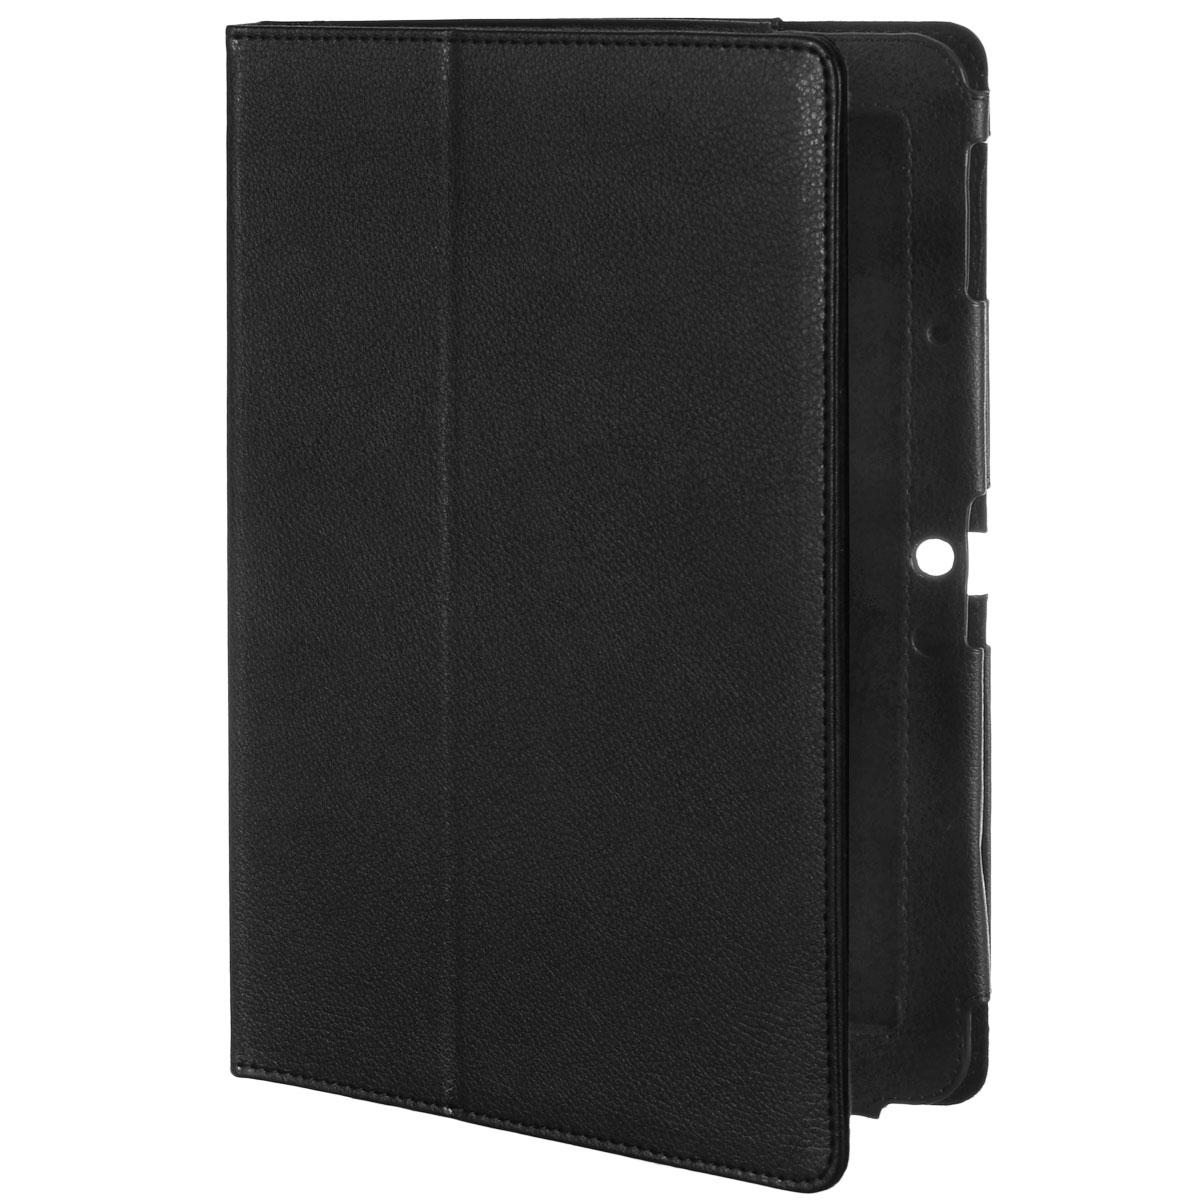 IT Baggage чехол для Prestigio Multipad 4 Diamond 10.1, BlackITPRE102-1Чехол IT Baggage для Prestigio Multipad 4 Diamond 10.1 - это стильный и лаконичный аксессуар, позволяющий сохранить планшет в идеальном состоянии. Надежно удерживая технику, обложка защищает корпус и дисплей от появления царапин, налипания пыли. Также чехол IT Baggage для Prestigio Multipad 4 Diamond 10.1 можно использовать как подставку для чтения или просмотра фильмов. Имеет свободный доступ ко всем разъемам устройства.